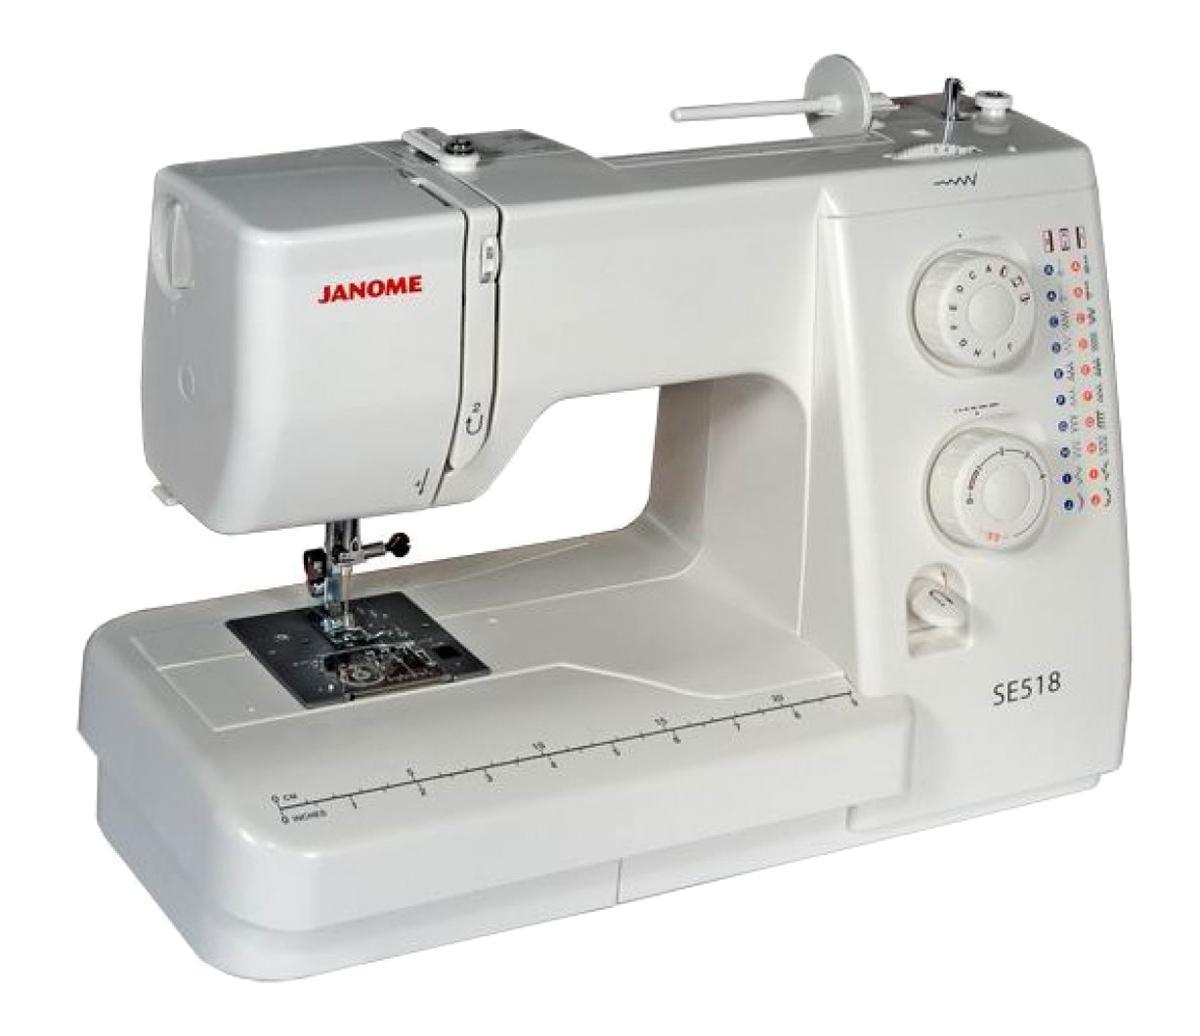 Janome SE 518 швейная машина - Швейные машины и аксессуары